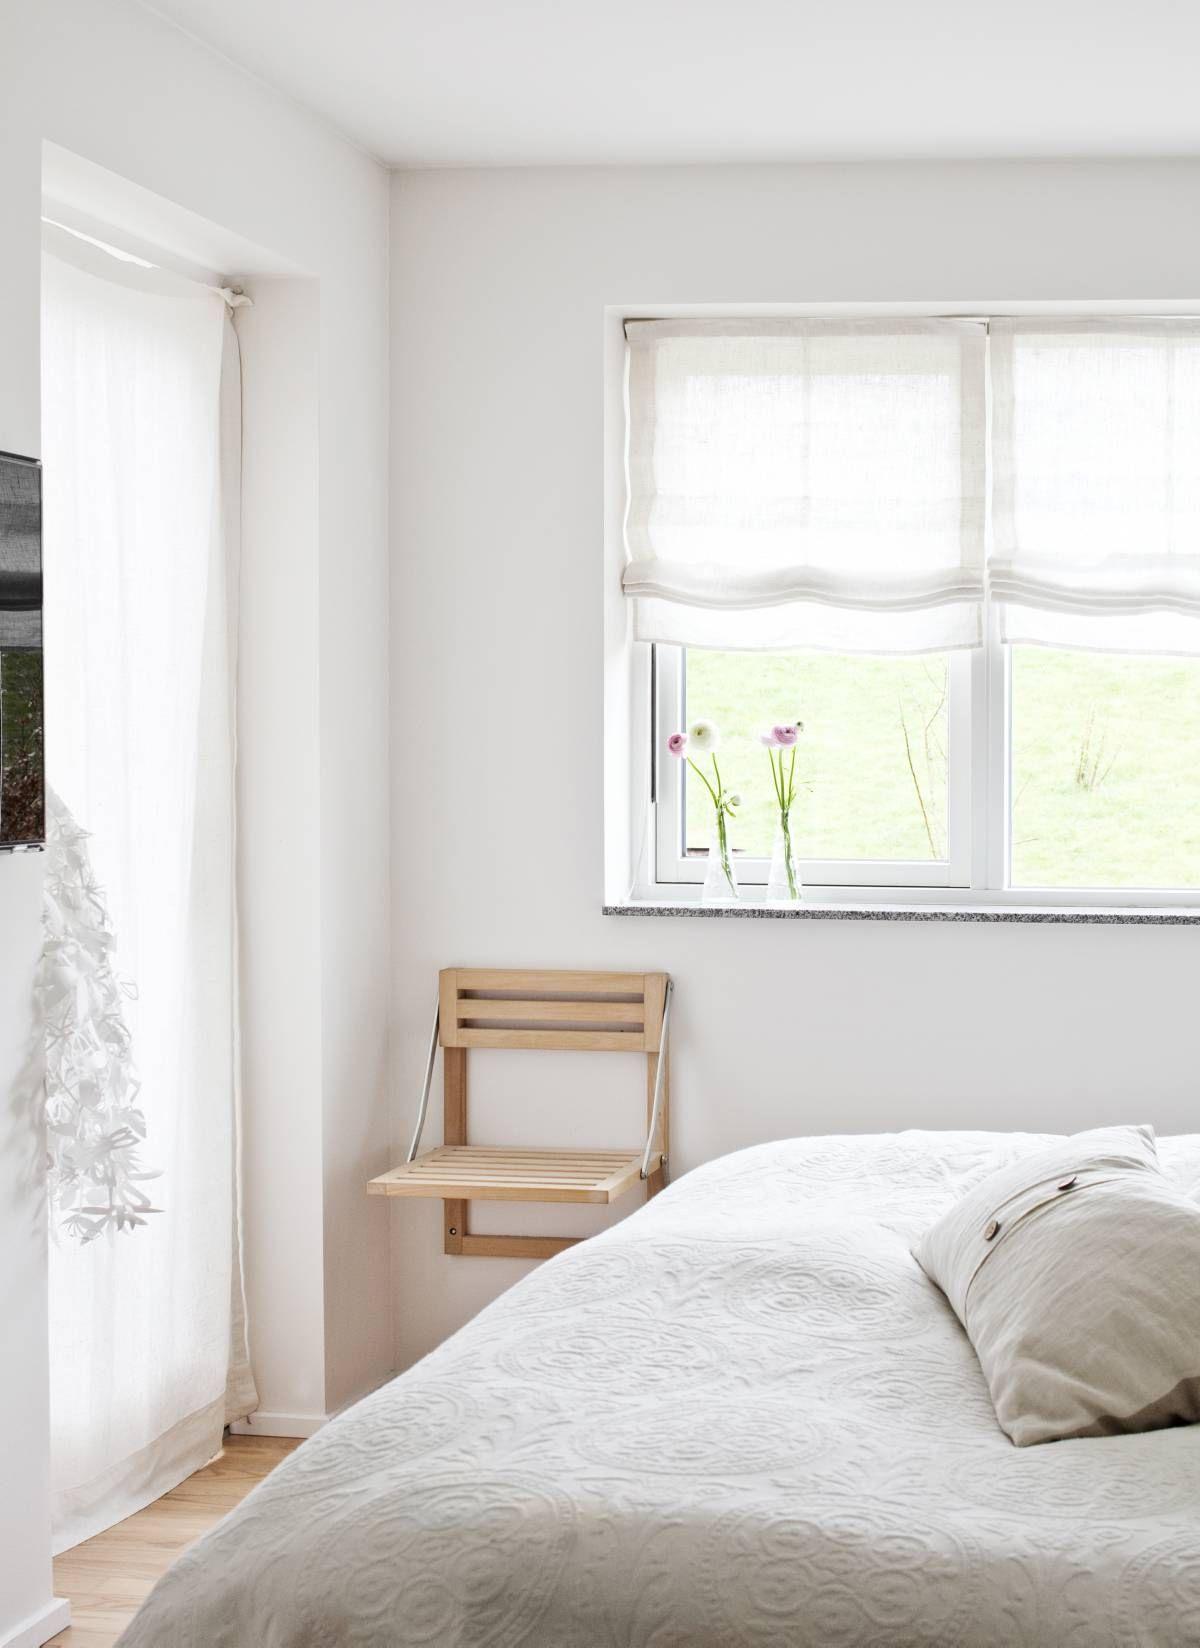 Makuuhuoneesta on käynti takapihalle. Oven vieressä on Ibenin enon tekemä tuoli, joka taittuu kätevästi seinää vasten ja sopii hyvin pieneen tilaan. Tord Boontjen Midsummer Light -valaisin odottaa vielä sopivaa paikkaa.